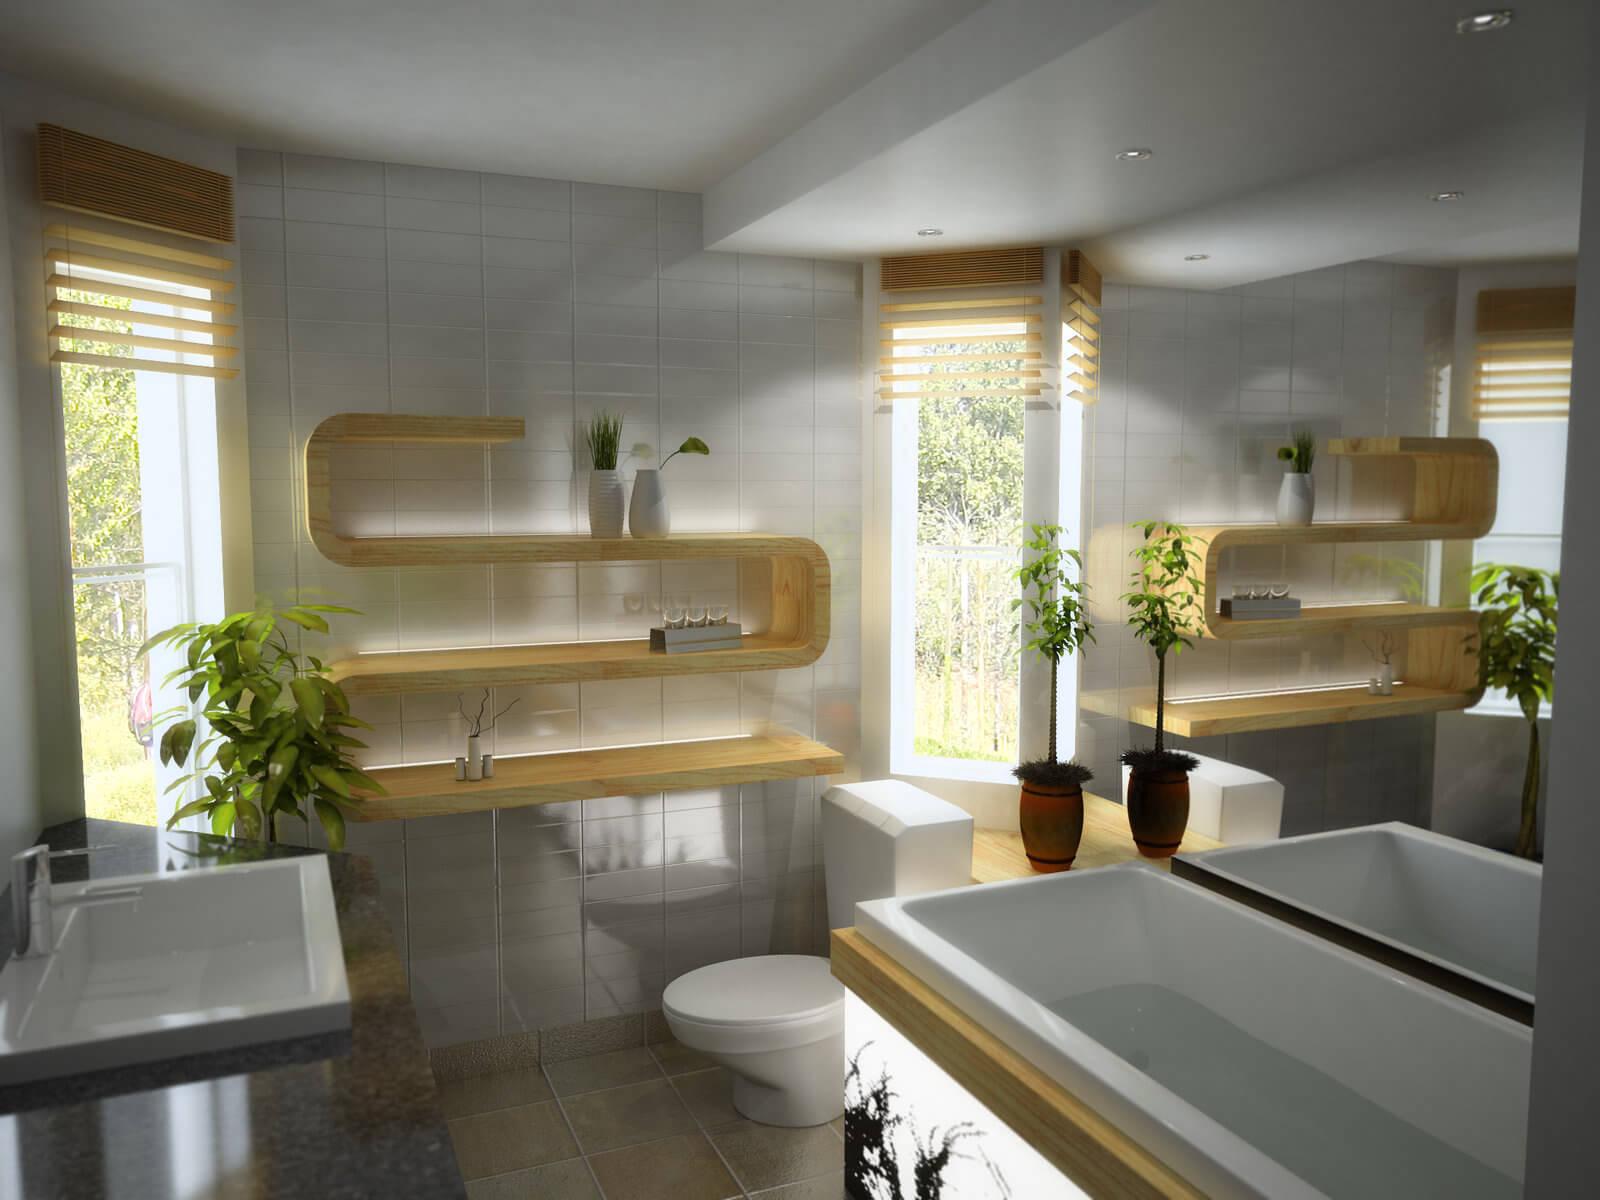 title | Interior design bathroom